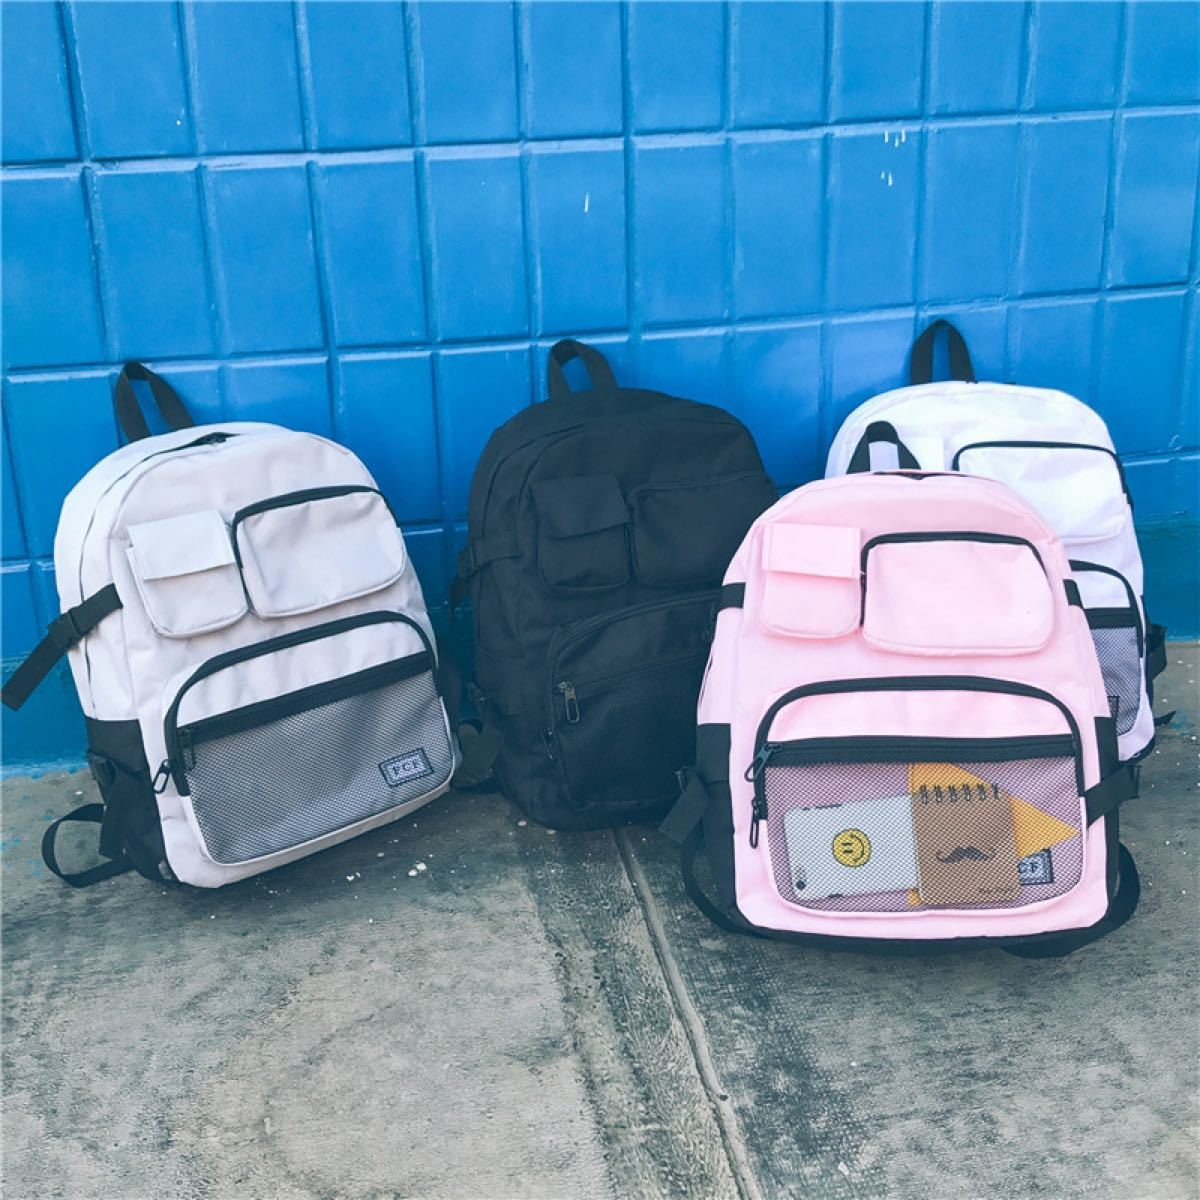 リュック  バックパック リュックサック 鞄 学生 カバン 多機能 黒 グレー